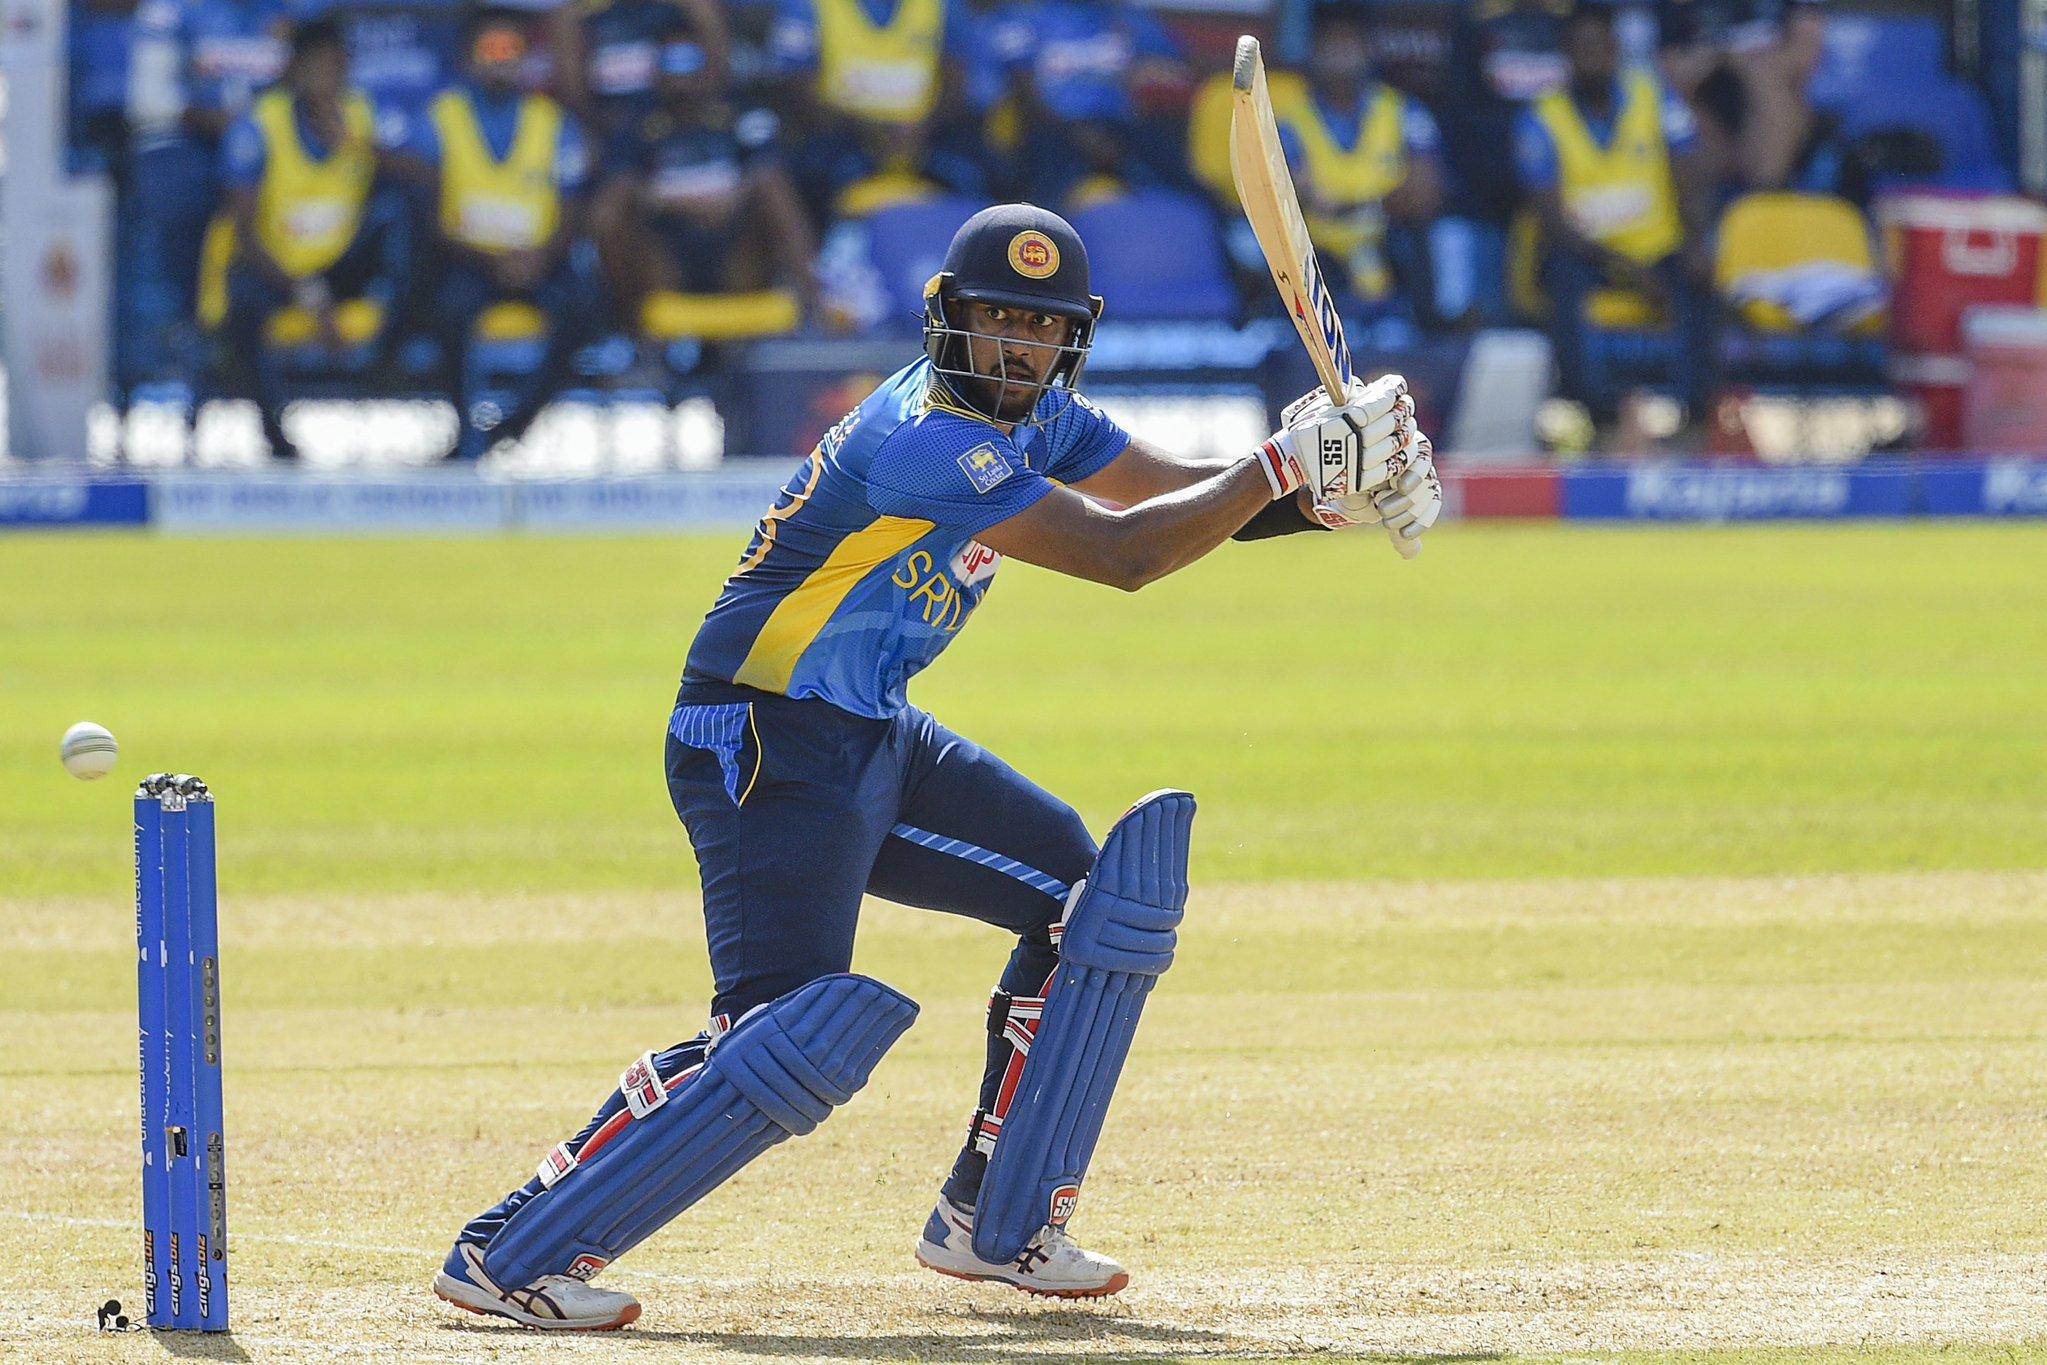 अविष्का ने 71 बॉल पर 50 रन की पारी खेली। इस दौरान उन्होंने 4 चौके और 1 छक्का लगाया।